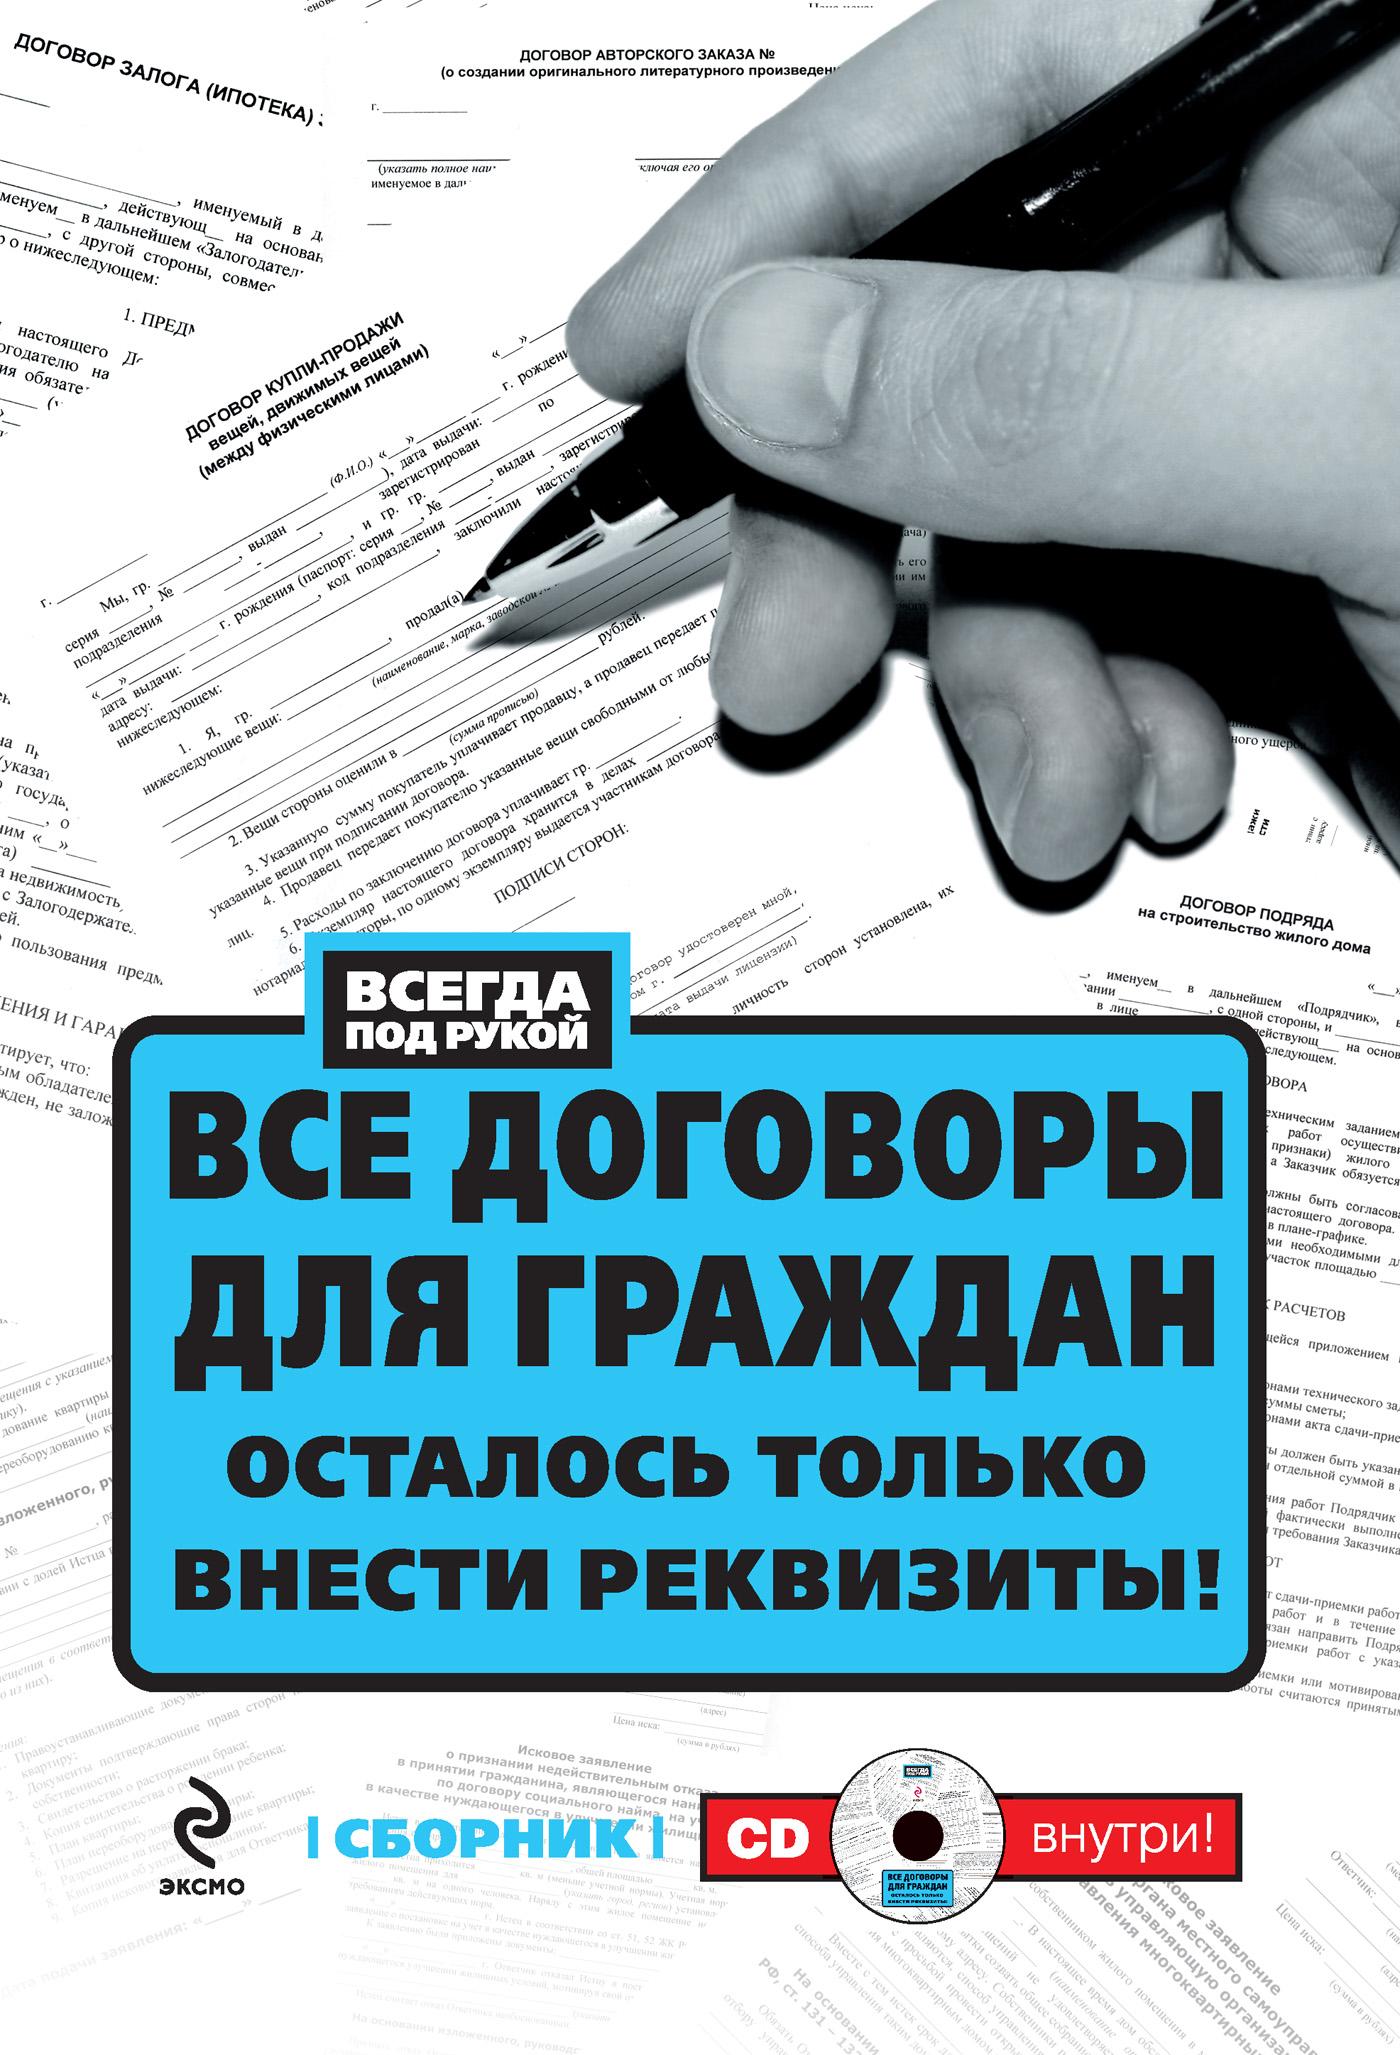 Все договоры для граждан. Осталось только внести реквизиты!